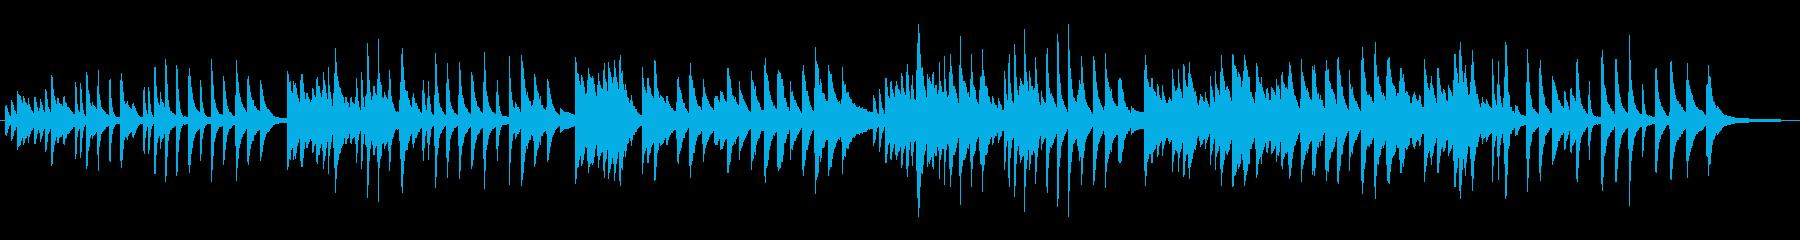 クリスマス「牧人ひつじを」ピアノソロの再生済みの波形